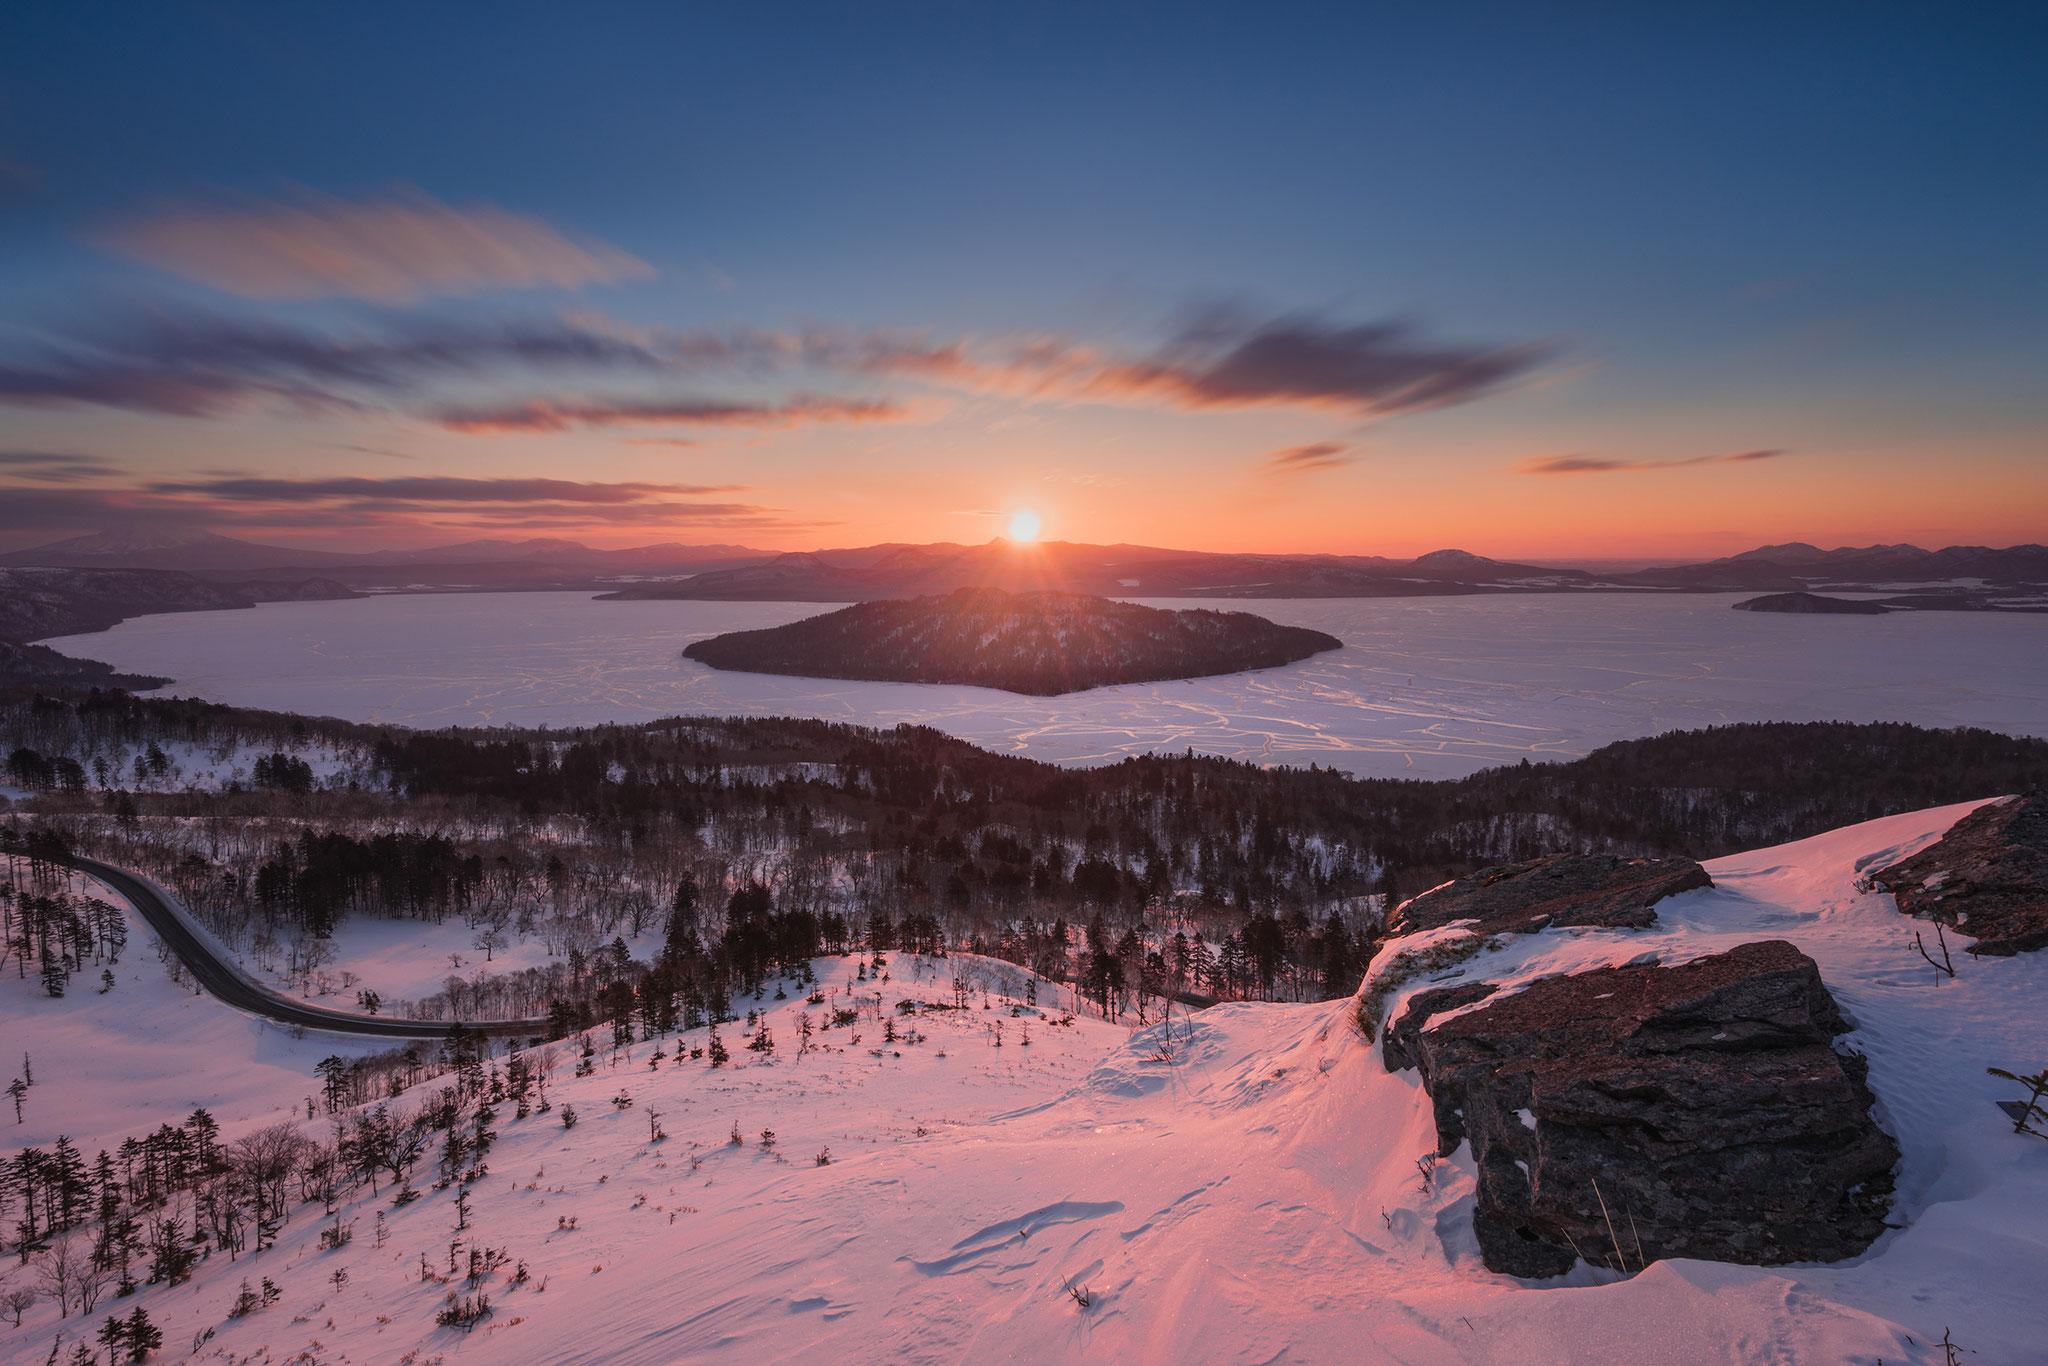 美幌峠の朝。極寒・長い夜を経てこの夜明けを見たときは感無量だった。